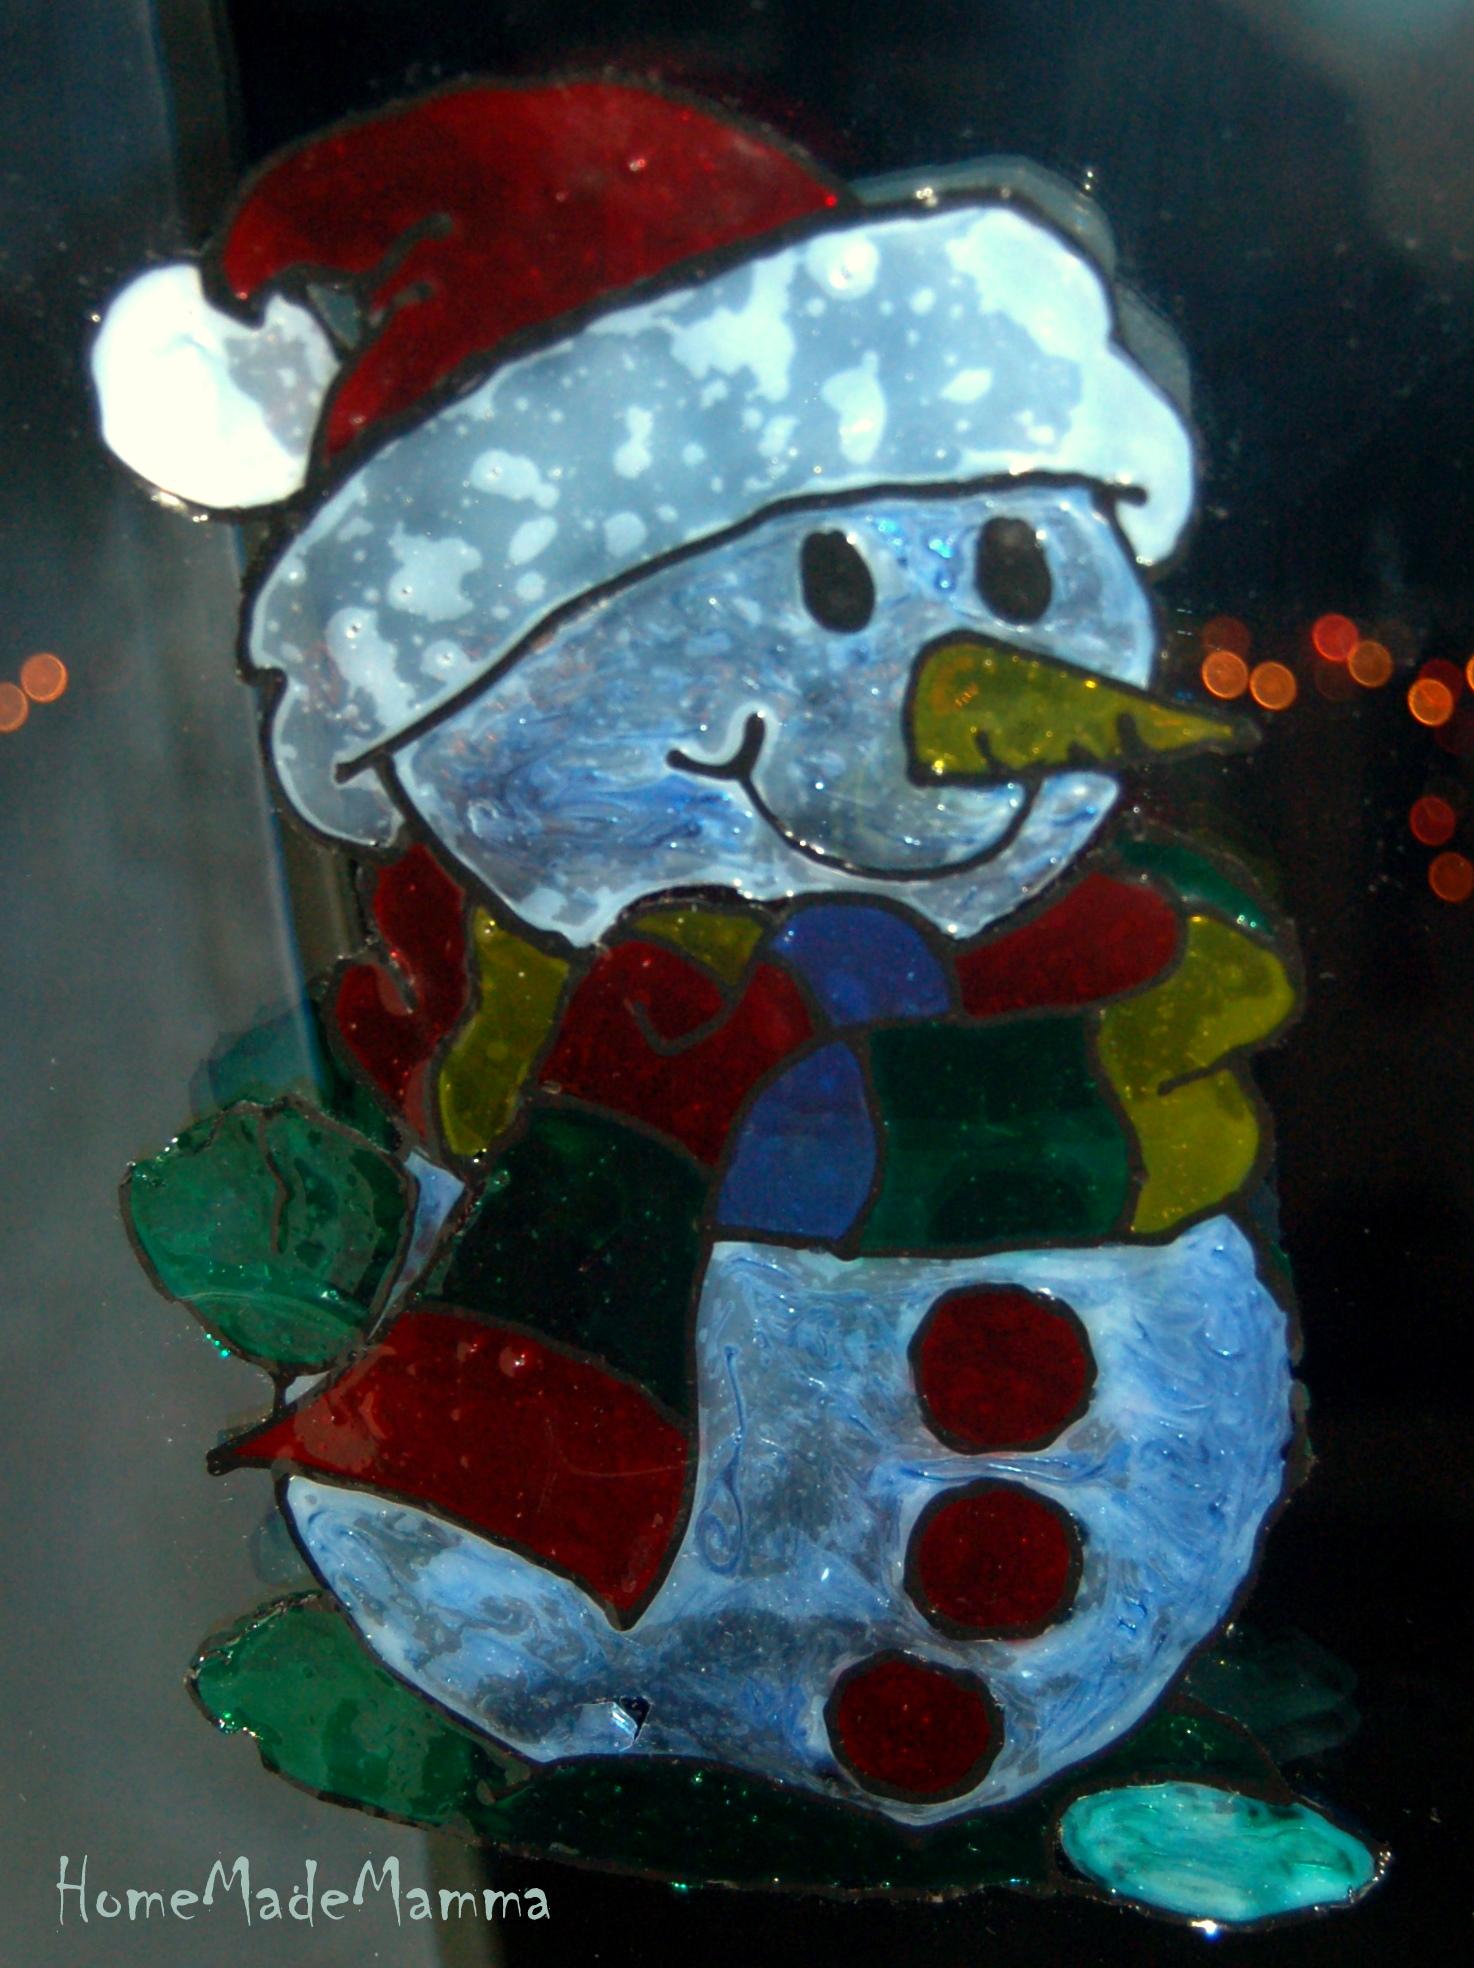 Alberelli candele renne vetrofanie natalizie fai da te - Decorazioni natalizie fai da te per finestre ...